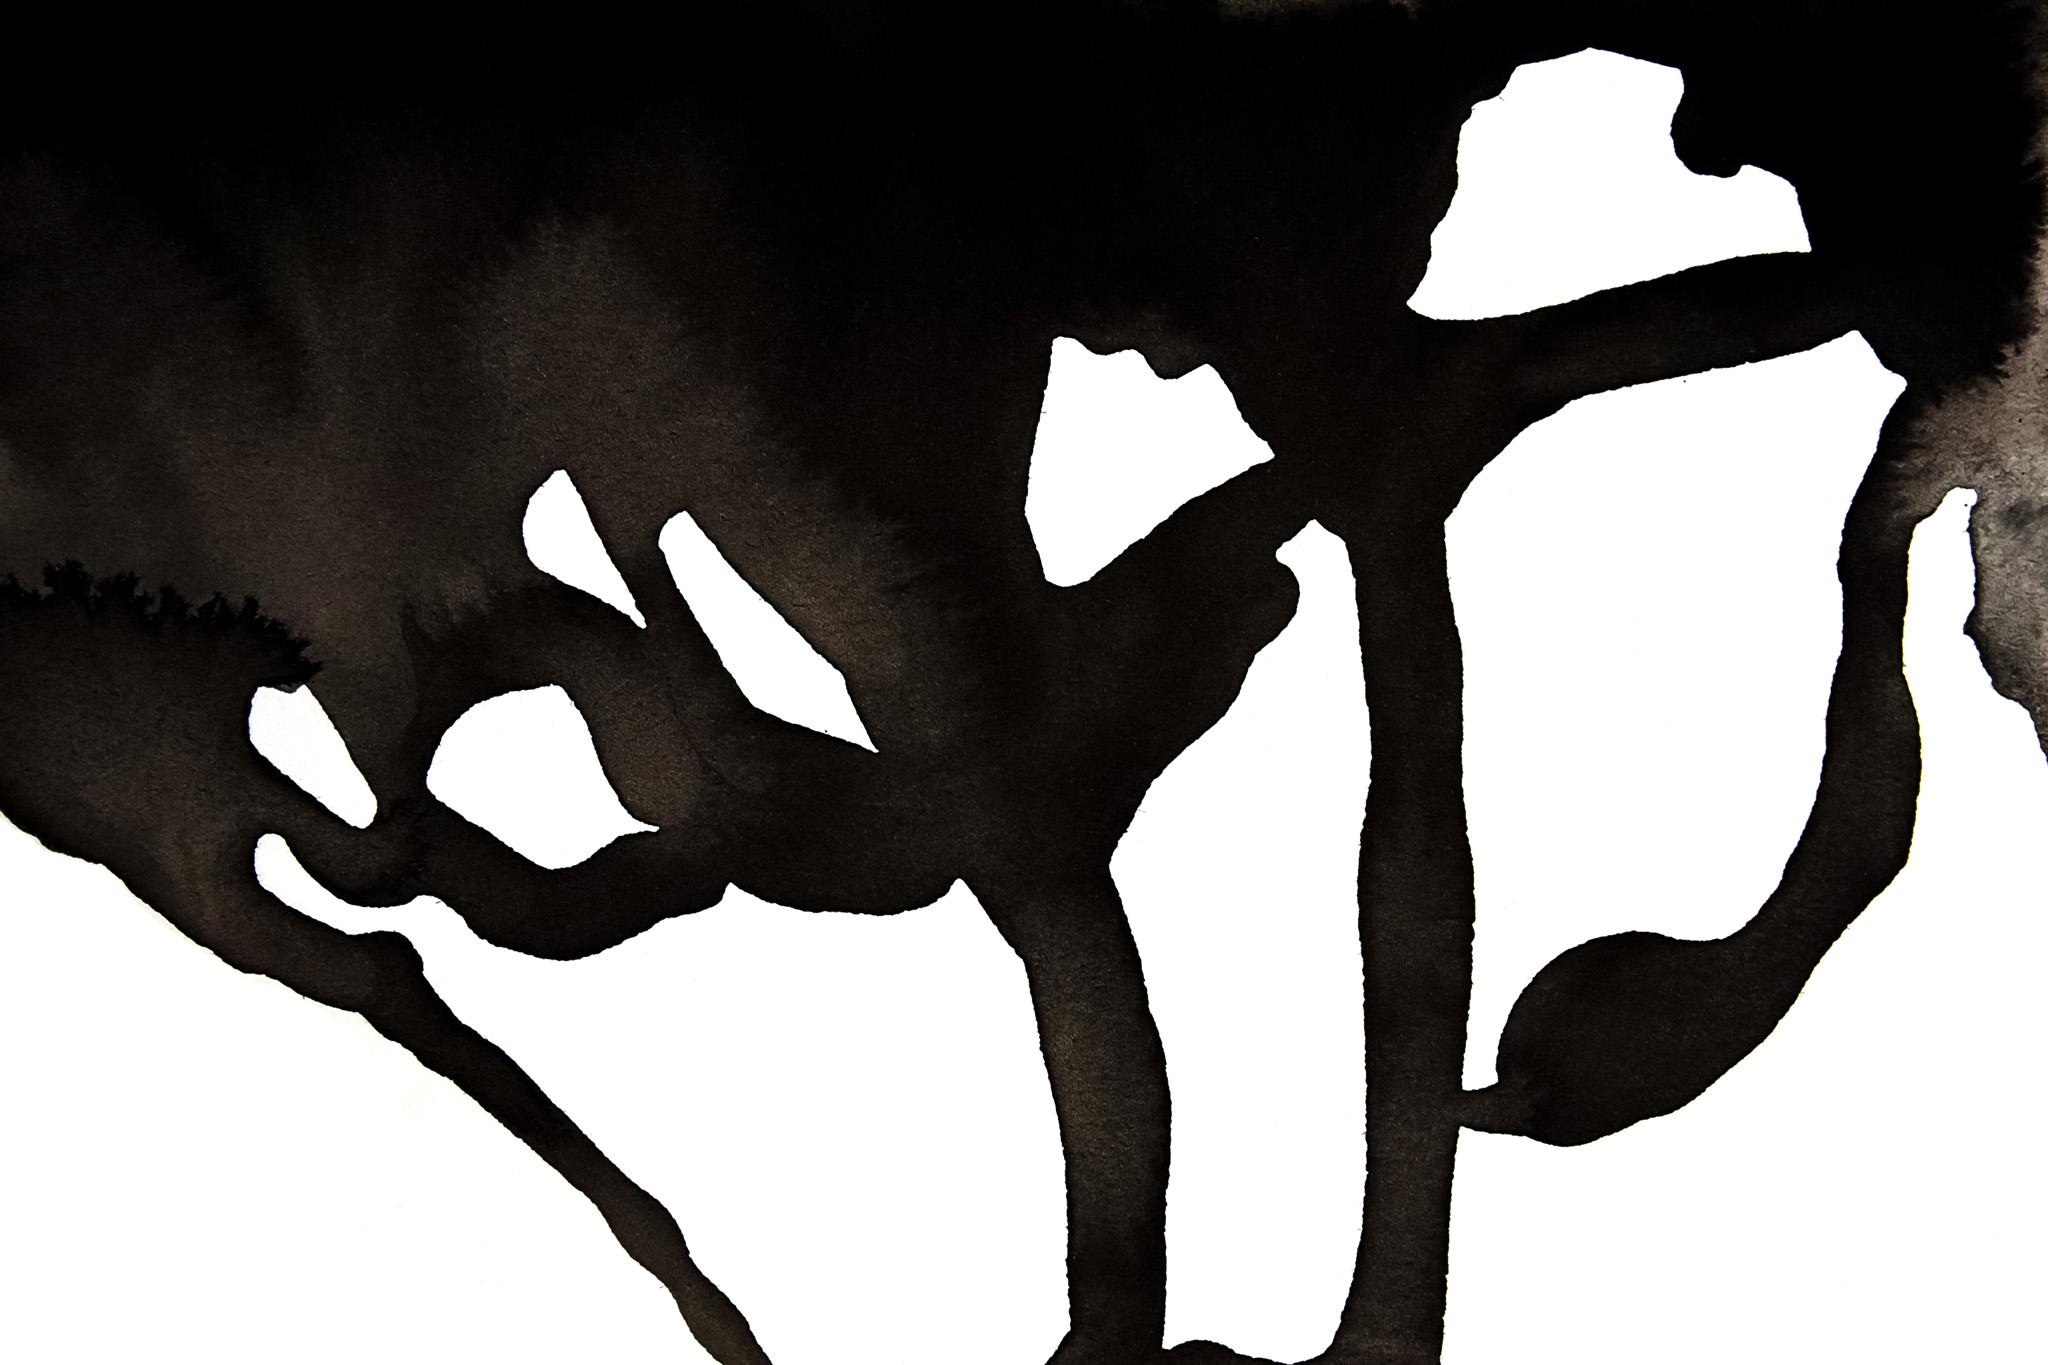 「垂れる黒い墨と白い背景」